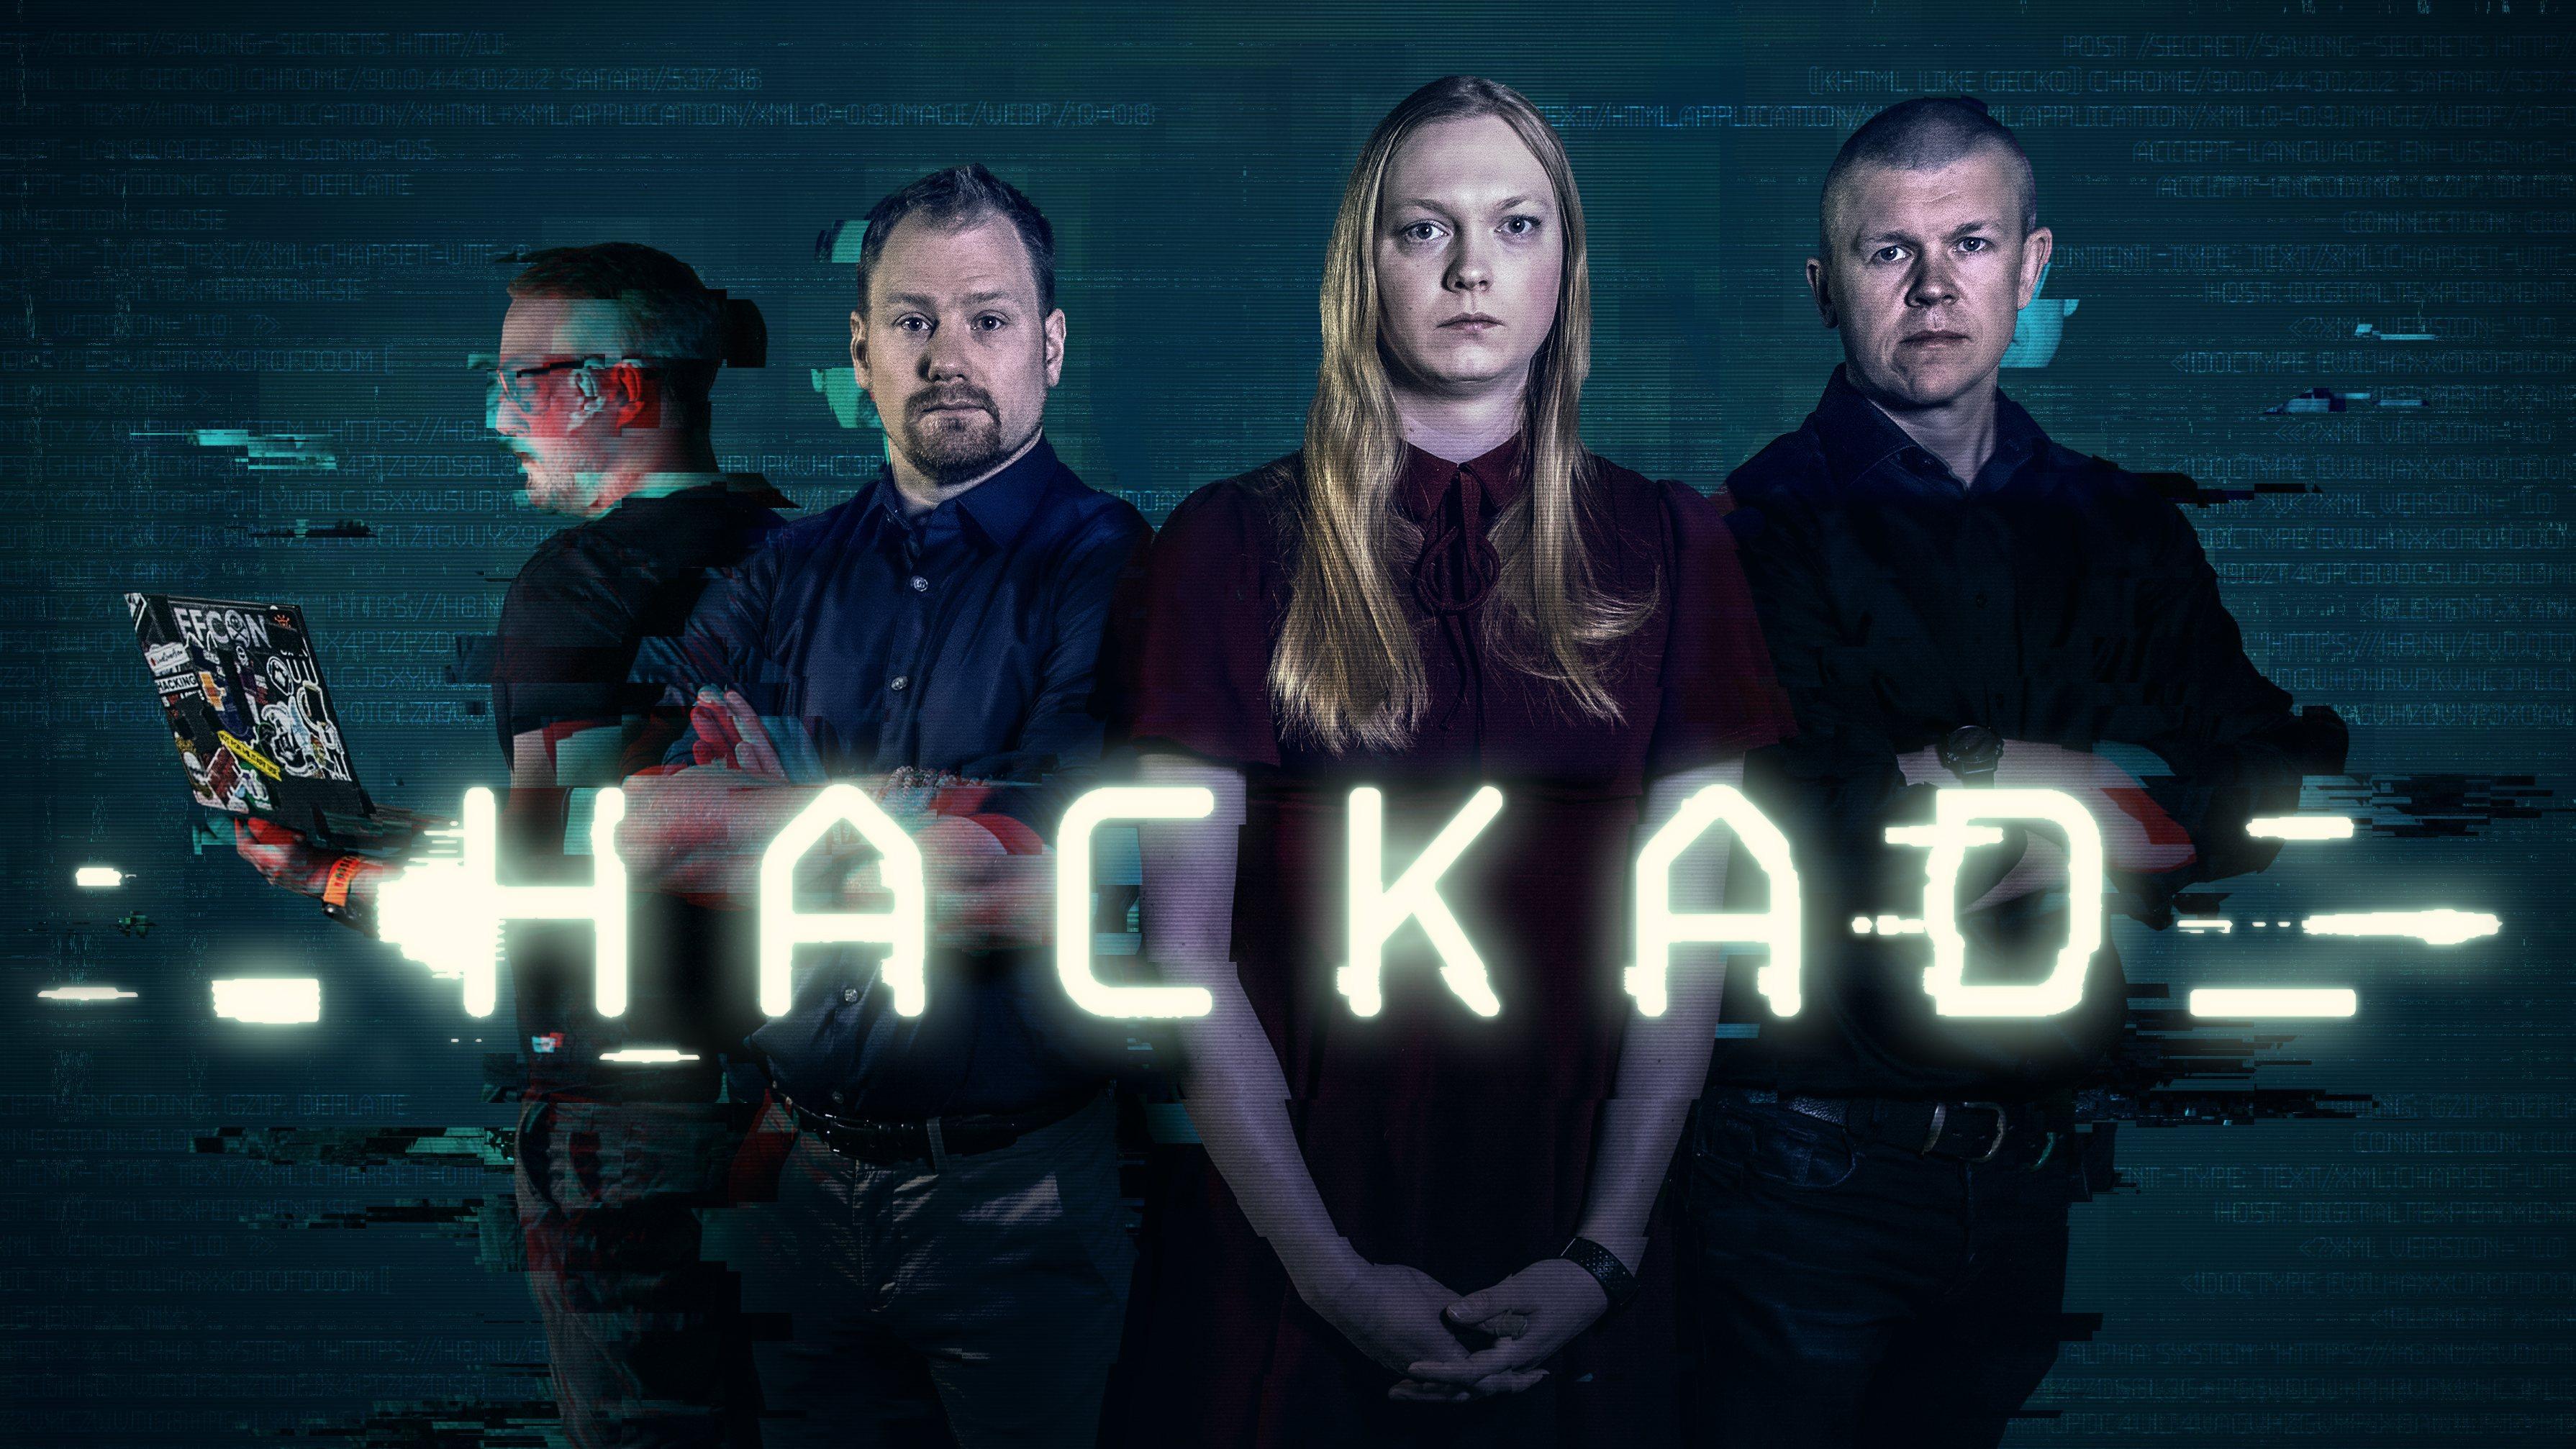 """Insiktsfulla experiment genomförs i """"Hackad"""". Foto: Janne Danielsson/SVT."""